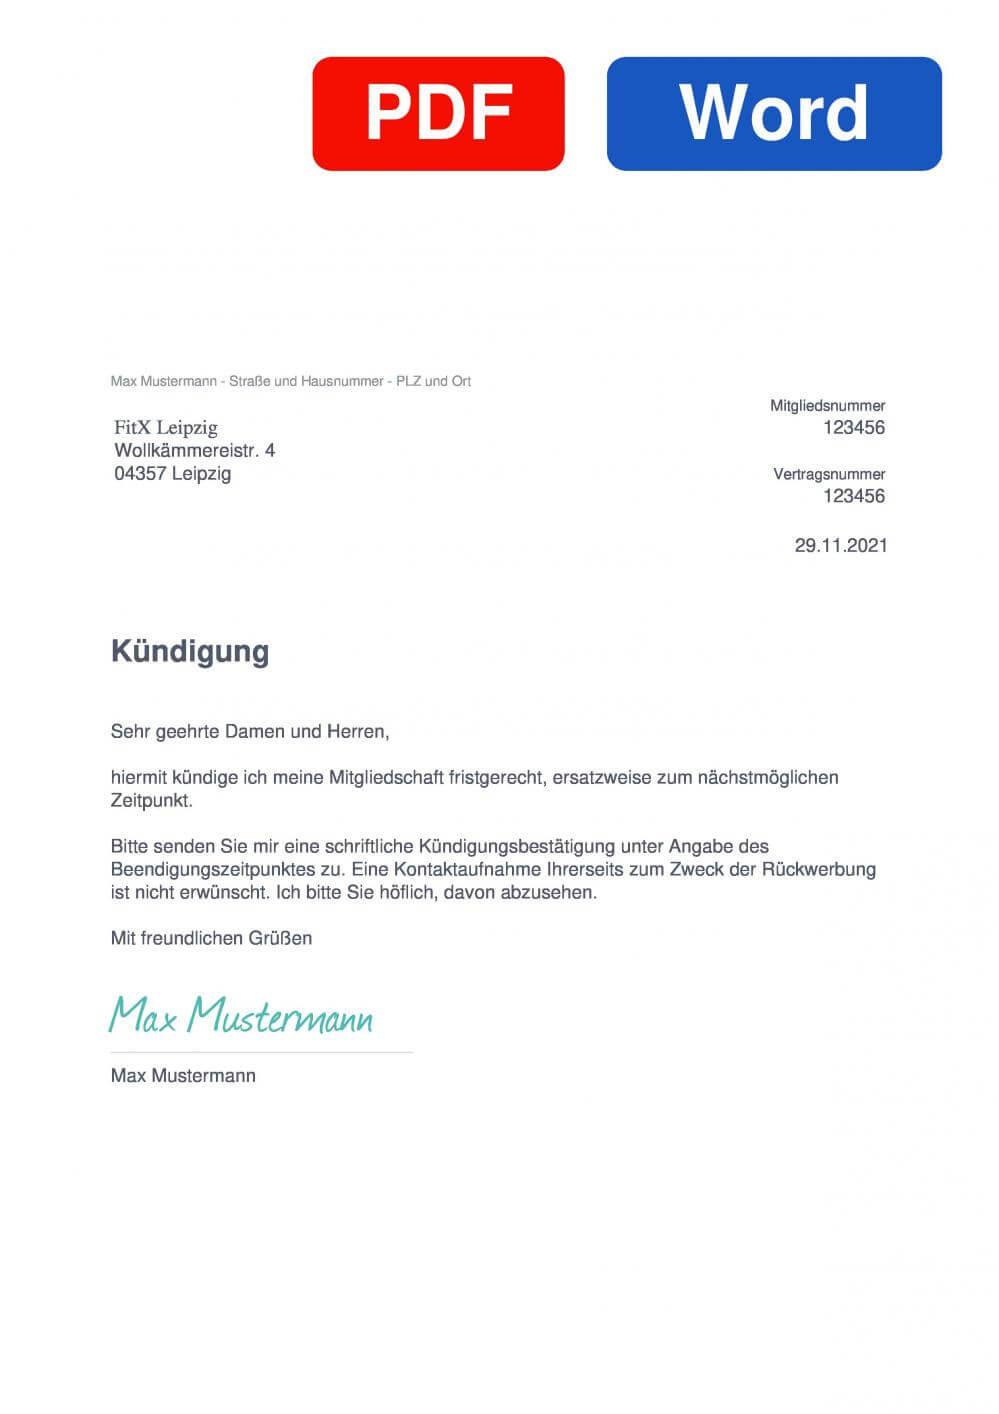 FitX Leipzig Muster Vorlage für Kündigungsschreiben